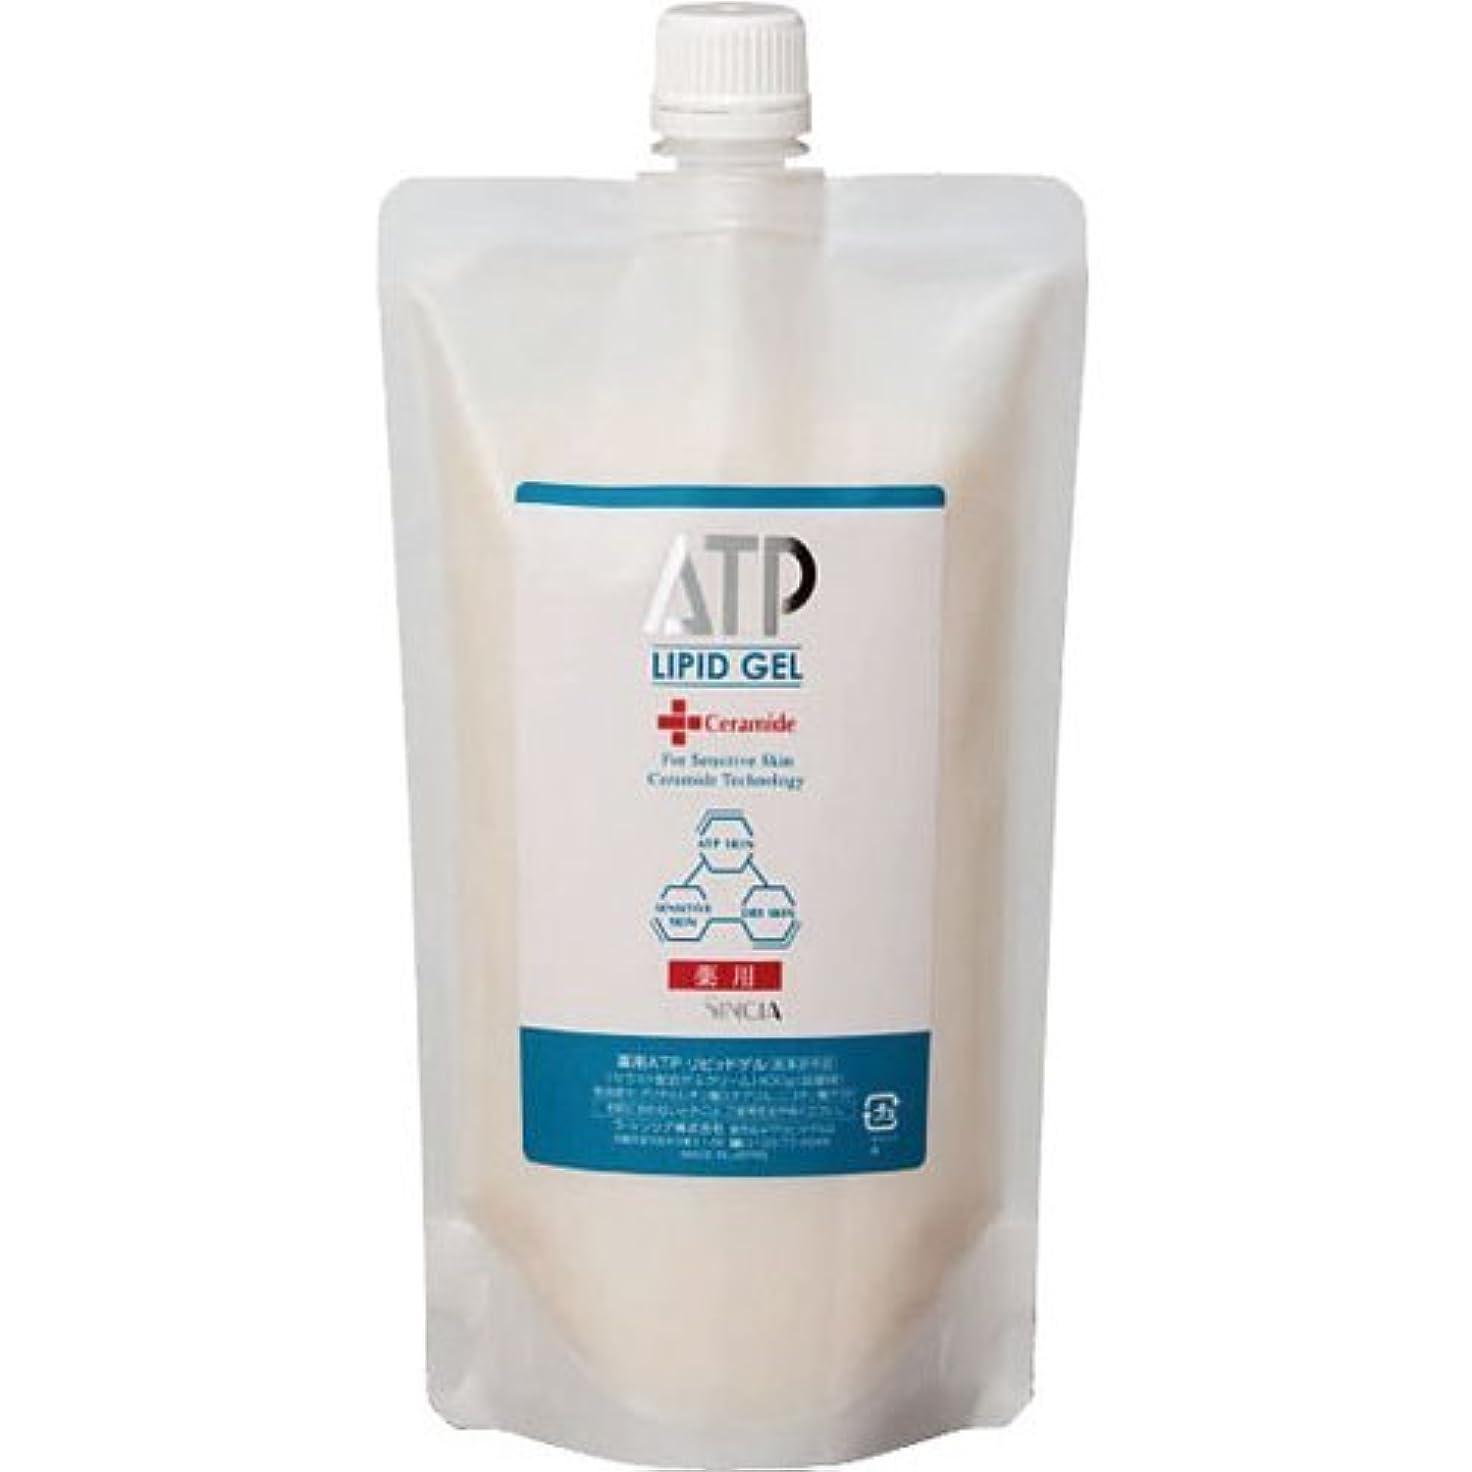 序文浸漬許さないラシンシア 薬用ATPリピッドゲル 400g(詰替用) 【セラミド配合ゲルクリーム】